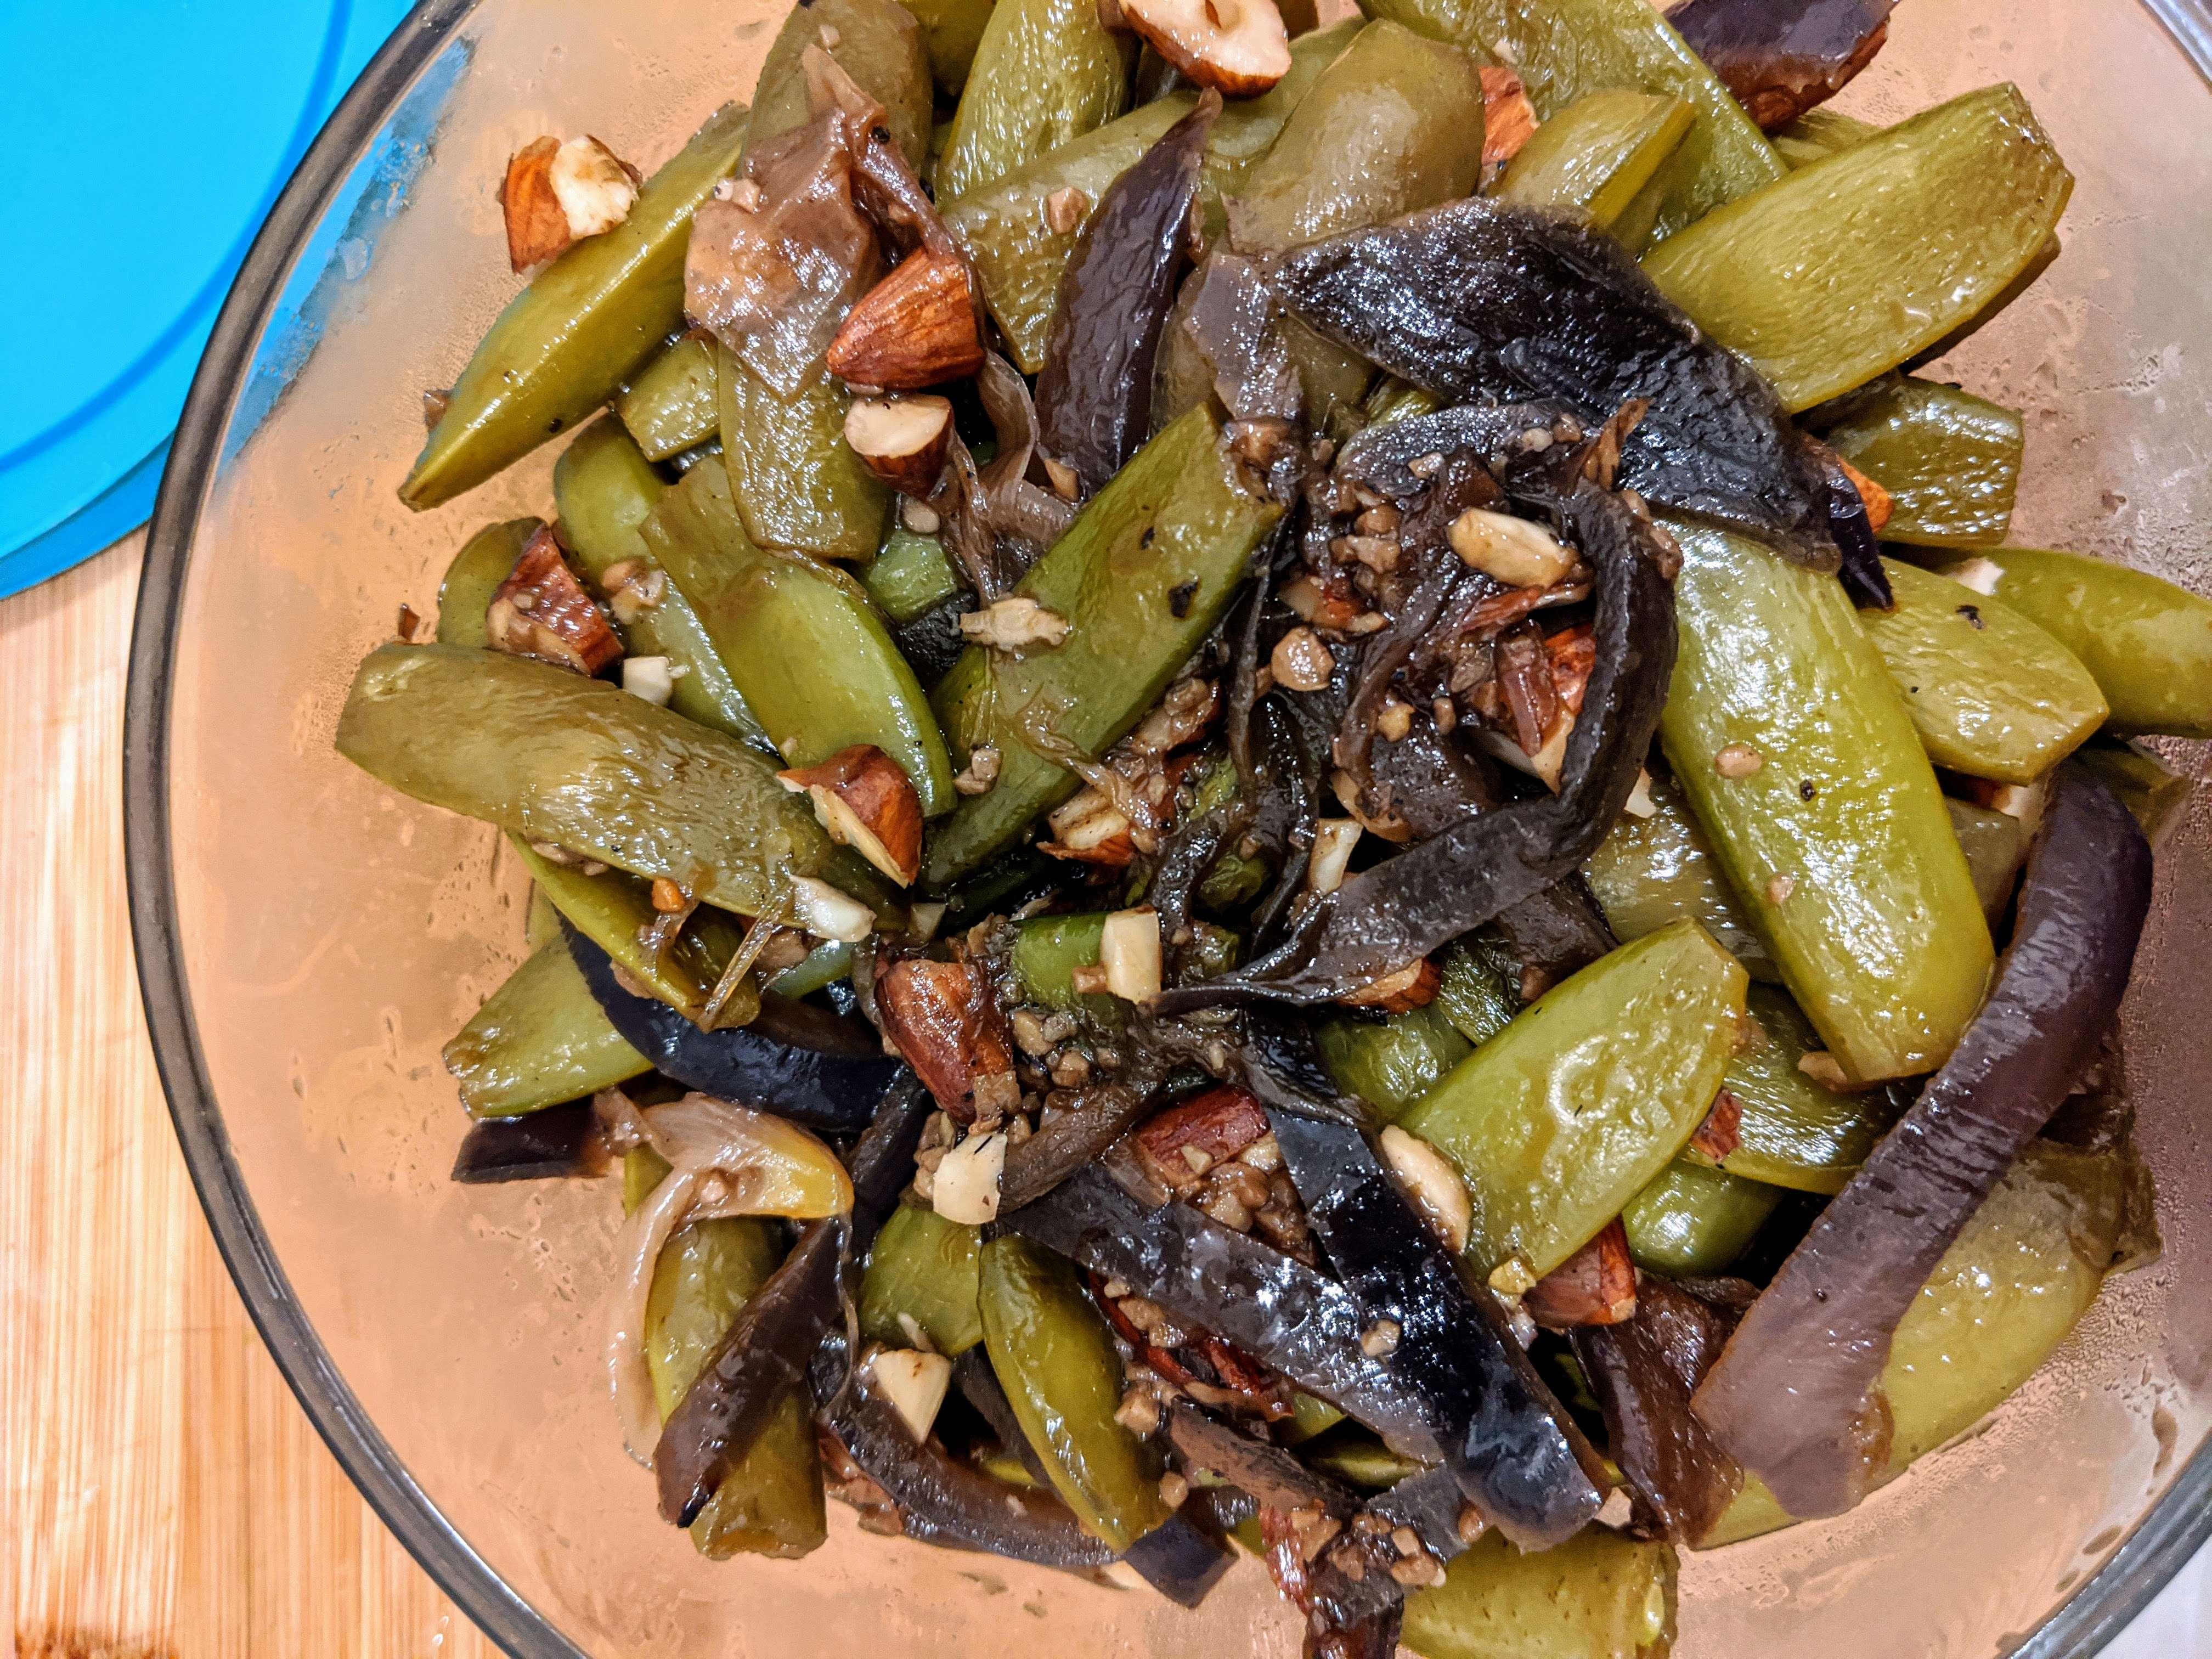 Sauteed Sugar Snap Peas and Green Beans